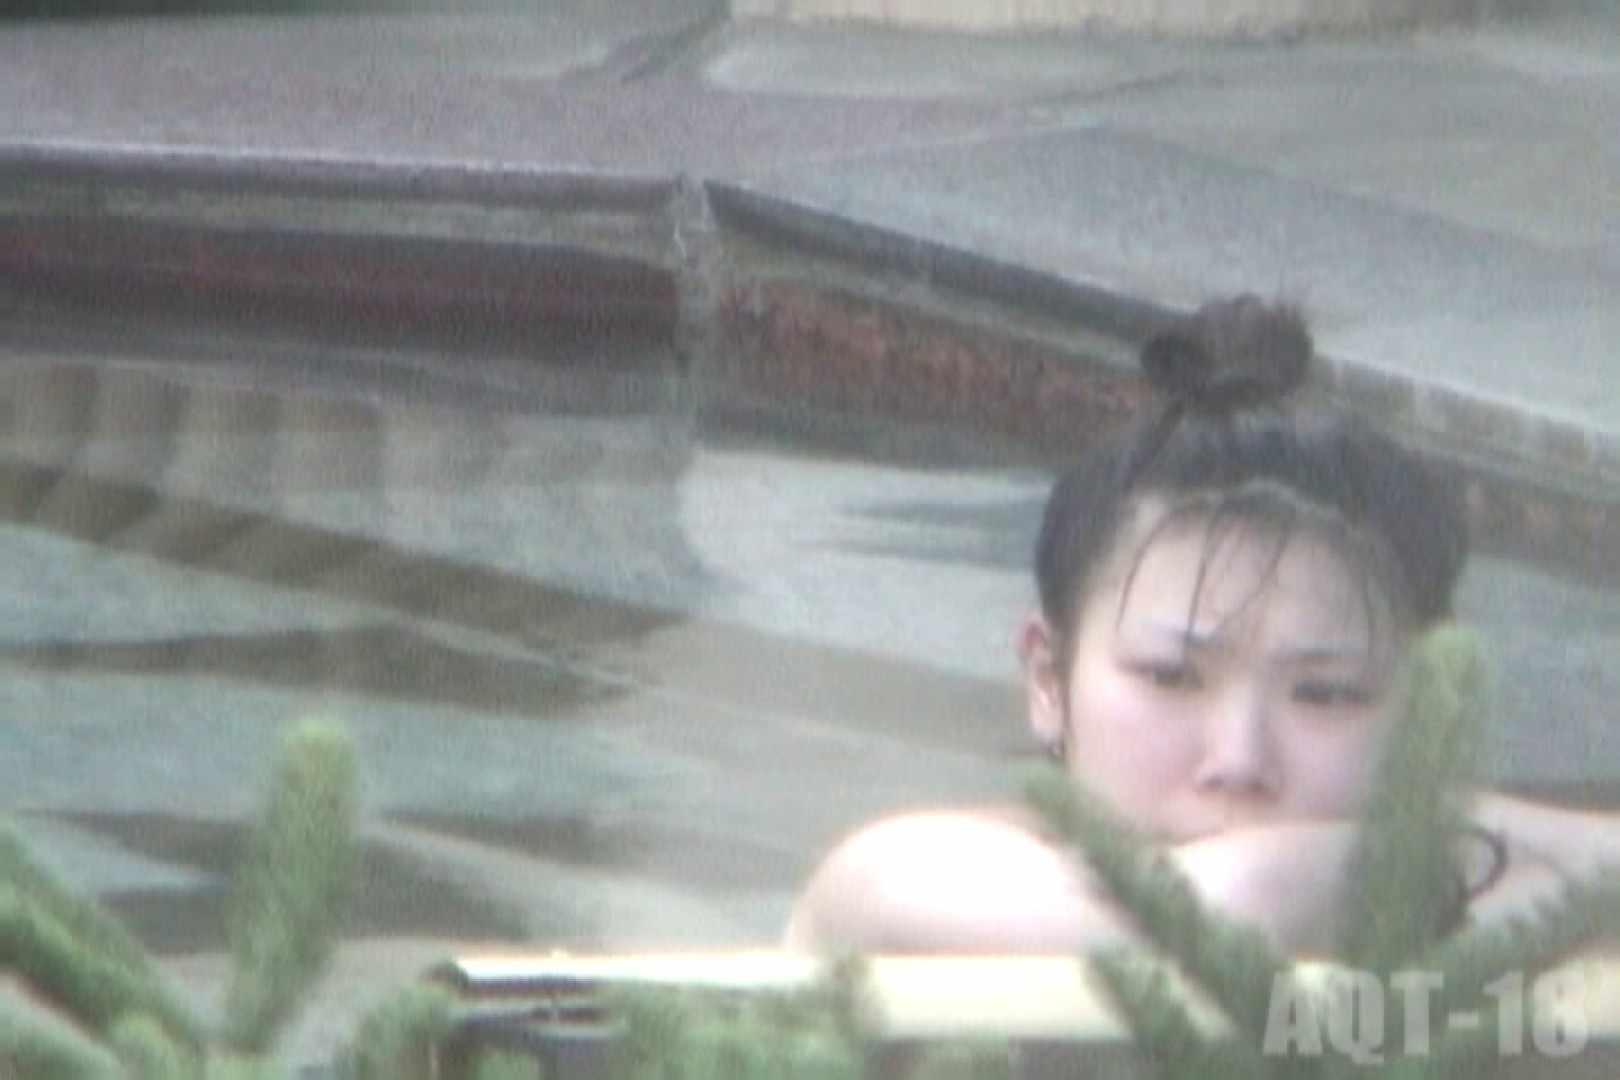 Aquaな露天風呂Vol.855 盗撮 セックス画像 67画像 65